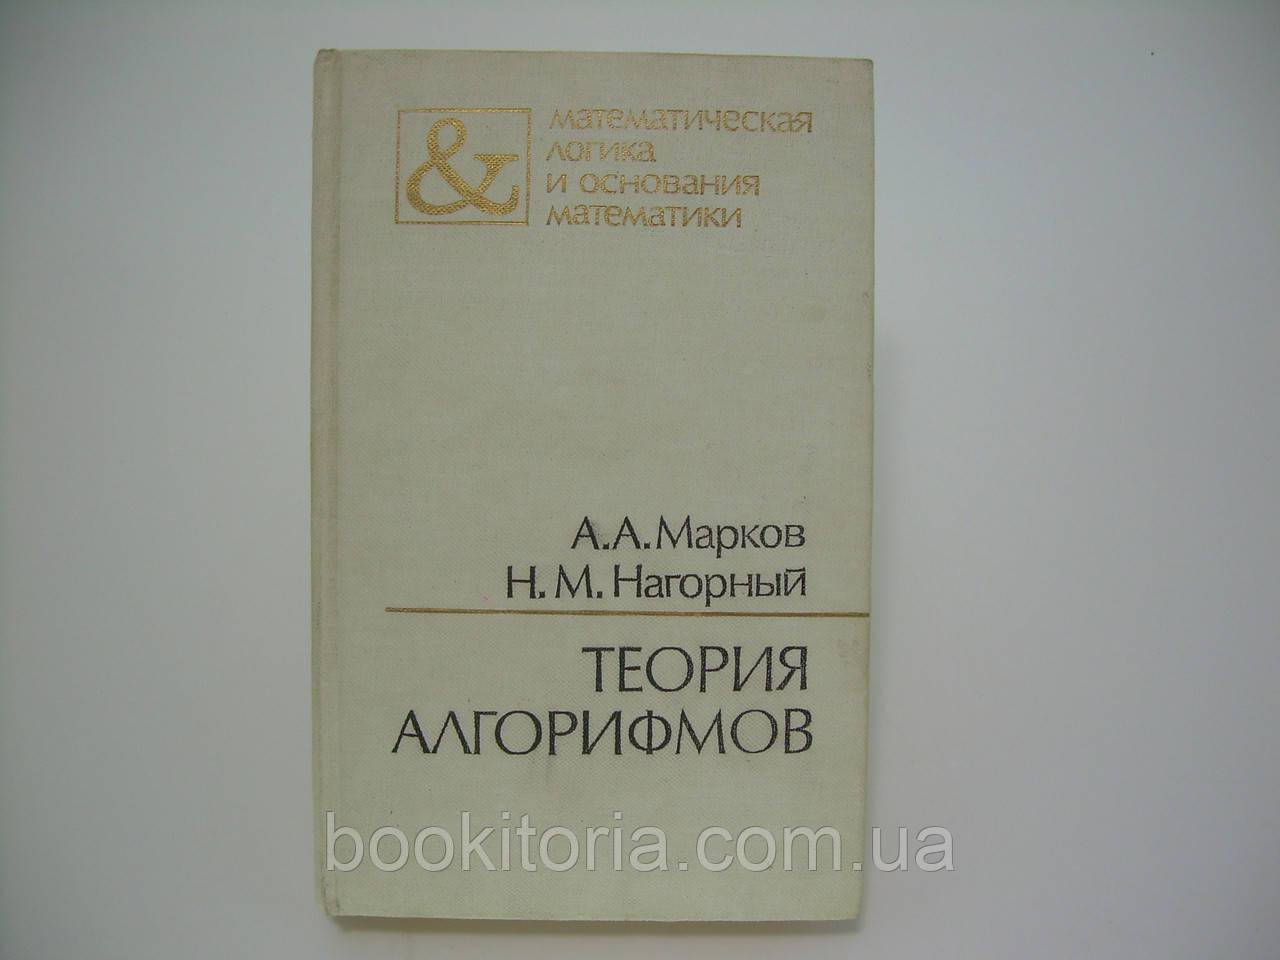 Марков А.А., Нагорный Н.М. Теория алгорифмов (б/у).